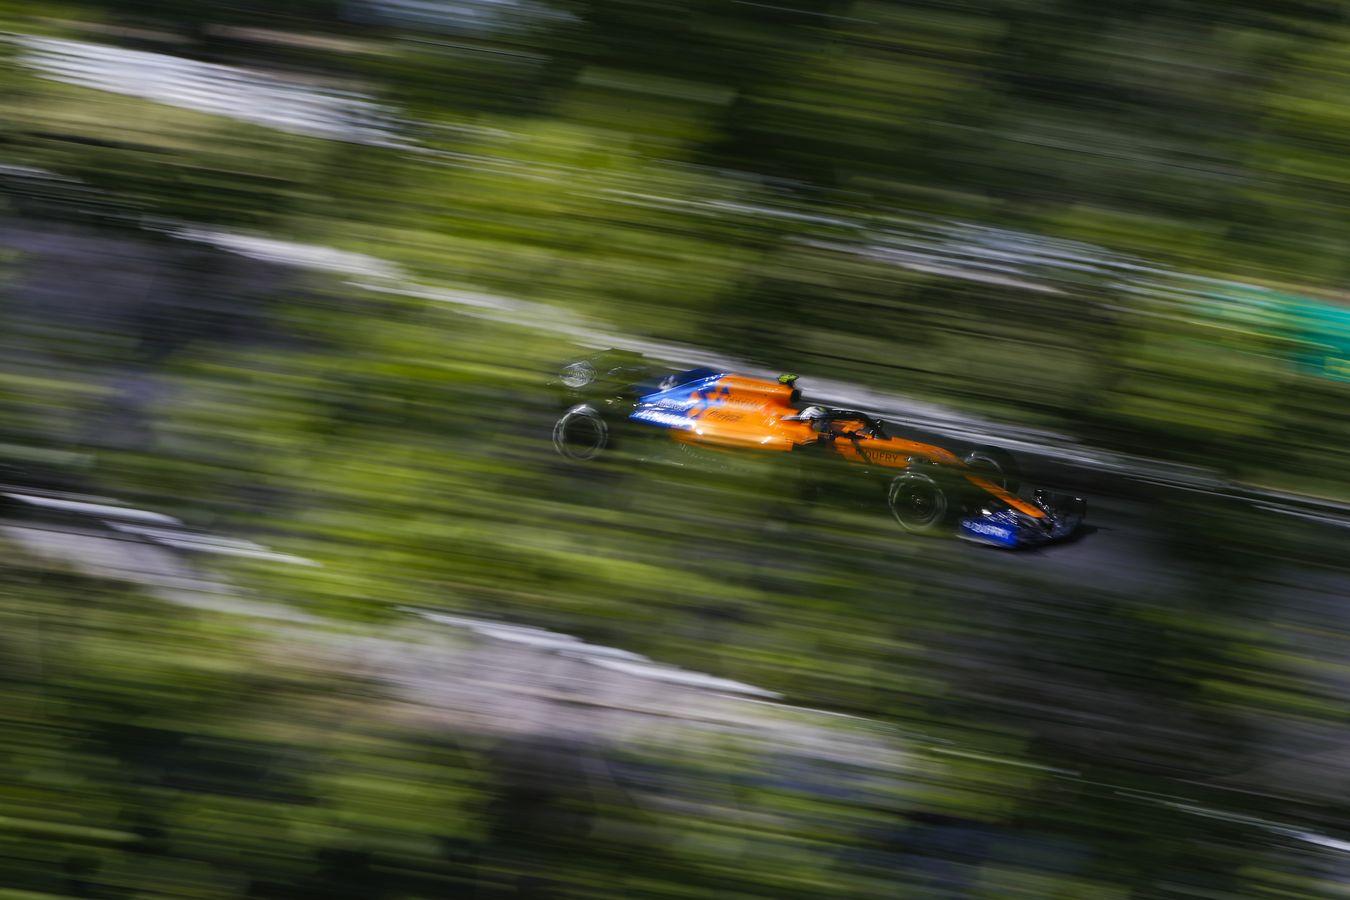 mclaren formula 1 - 2017 azerbaijan grand prix